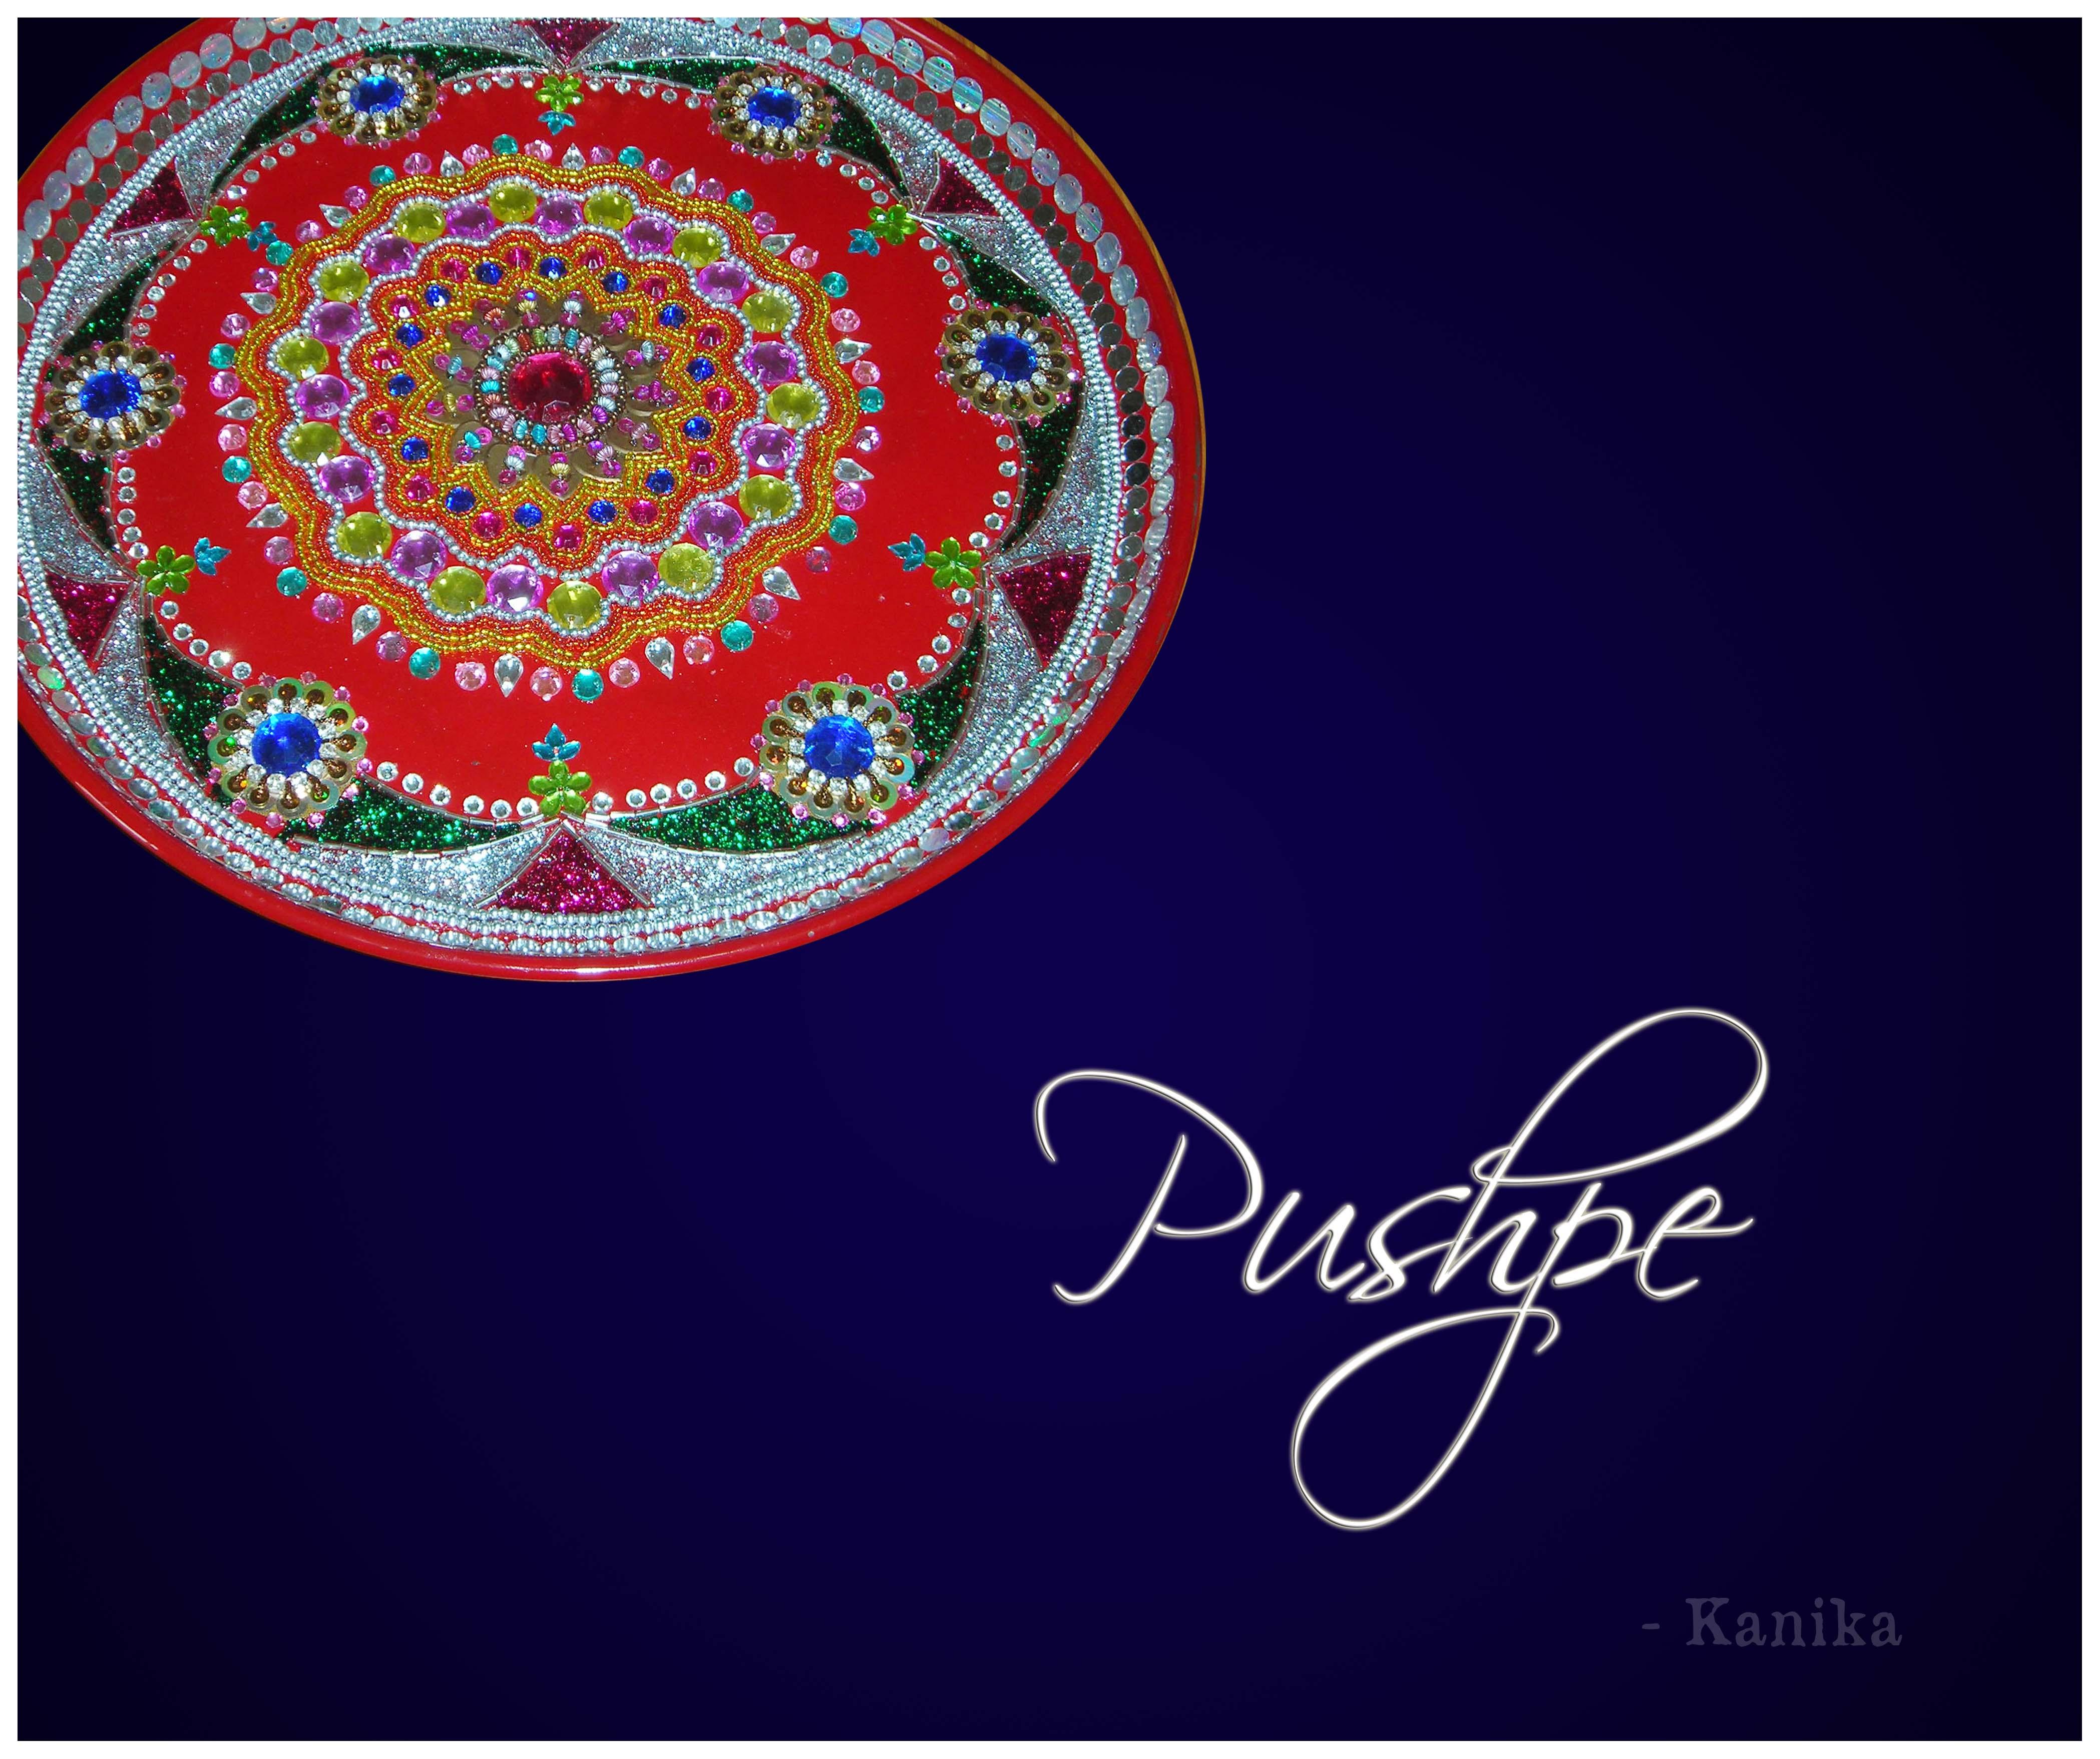 Pushpe